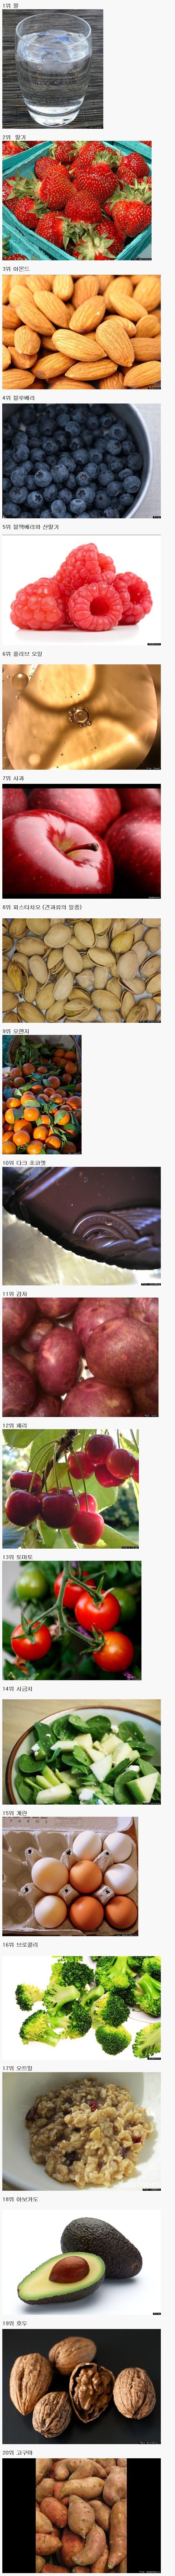 전문가들이 뽑은 건강식품 Top 50.jpg